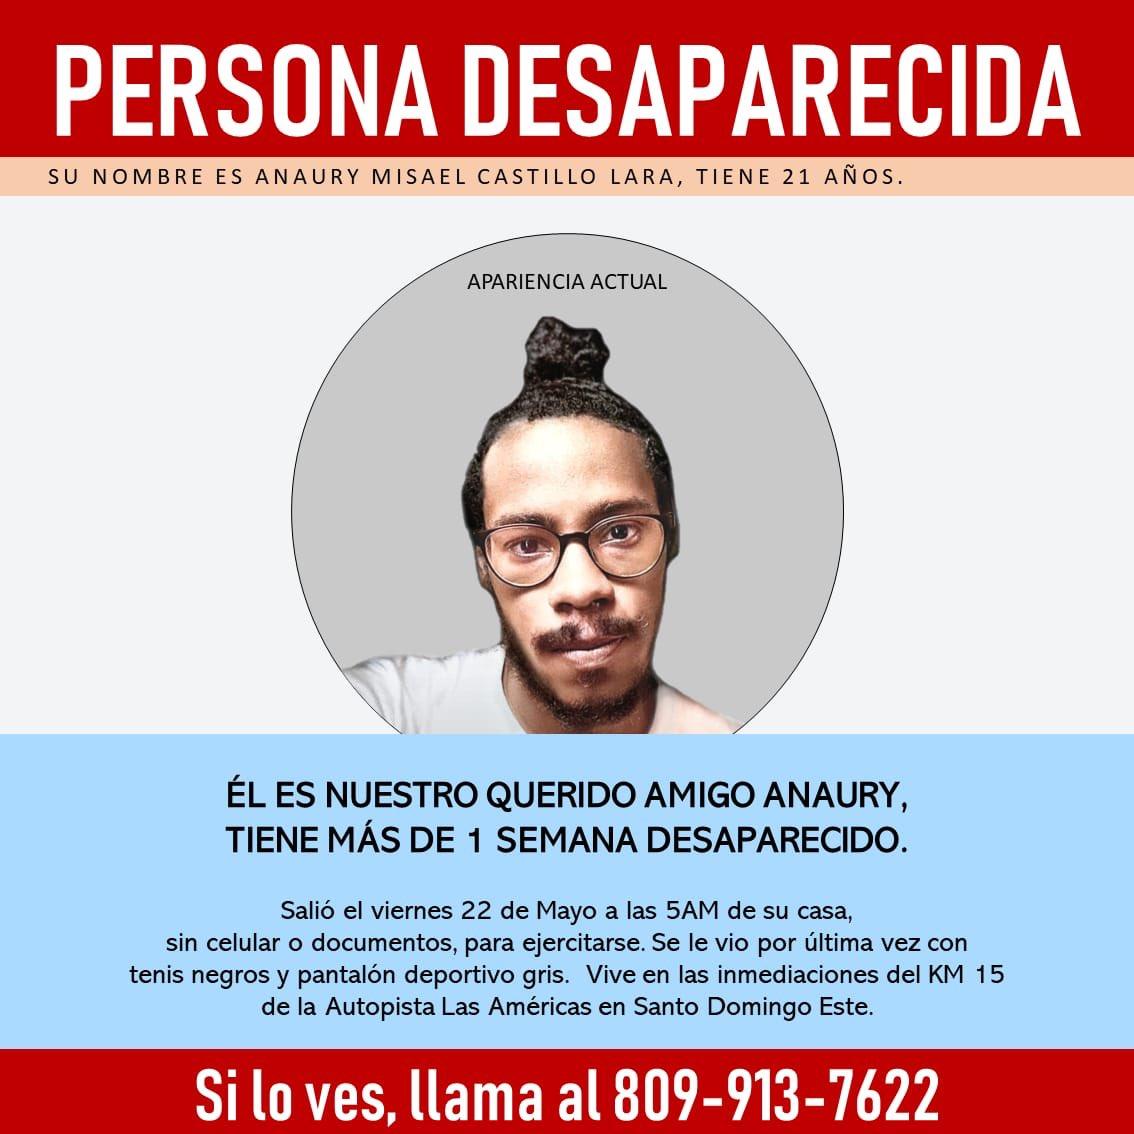 Anaury Castillo aún continúa desaparecido. Ayúdanos a difundir la información! #EncontremosaAnaury https://t.co/vQJ7RfvWKc